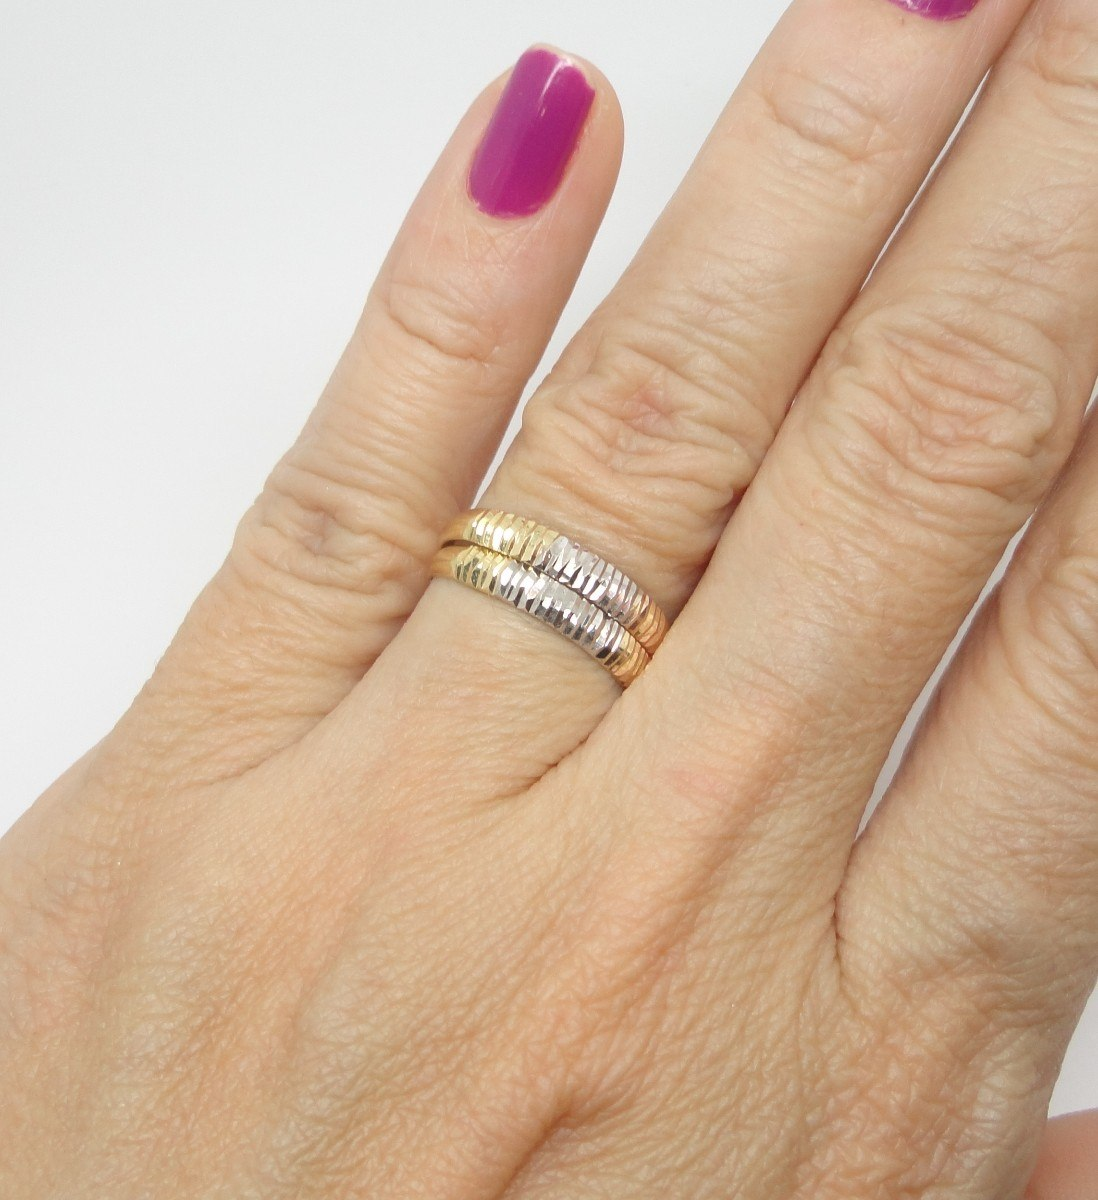 Aparador De Alinca Vivara ~ Anéis Aparadores Aliança Ouro 18k Aro 17 R$ 500,00 em Mercado Livre